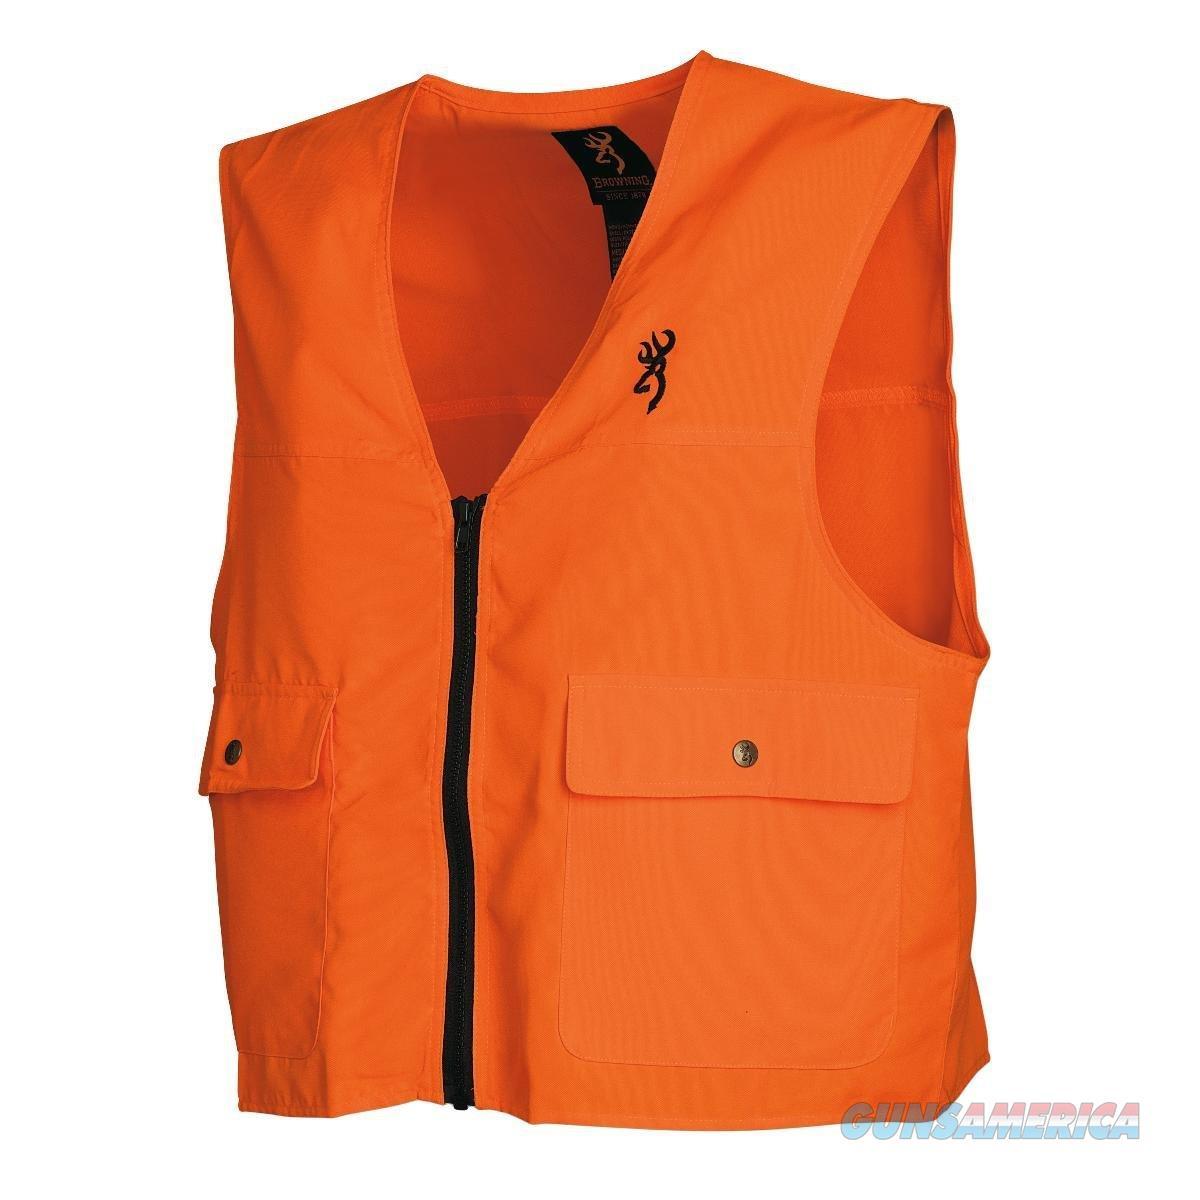 Browning Safety Vest Medium Blaze Orange  Non-Guns > Hunting Clothing and Equipment > Clothing > Blaze Orange